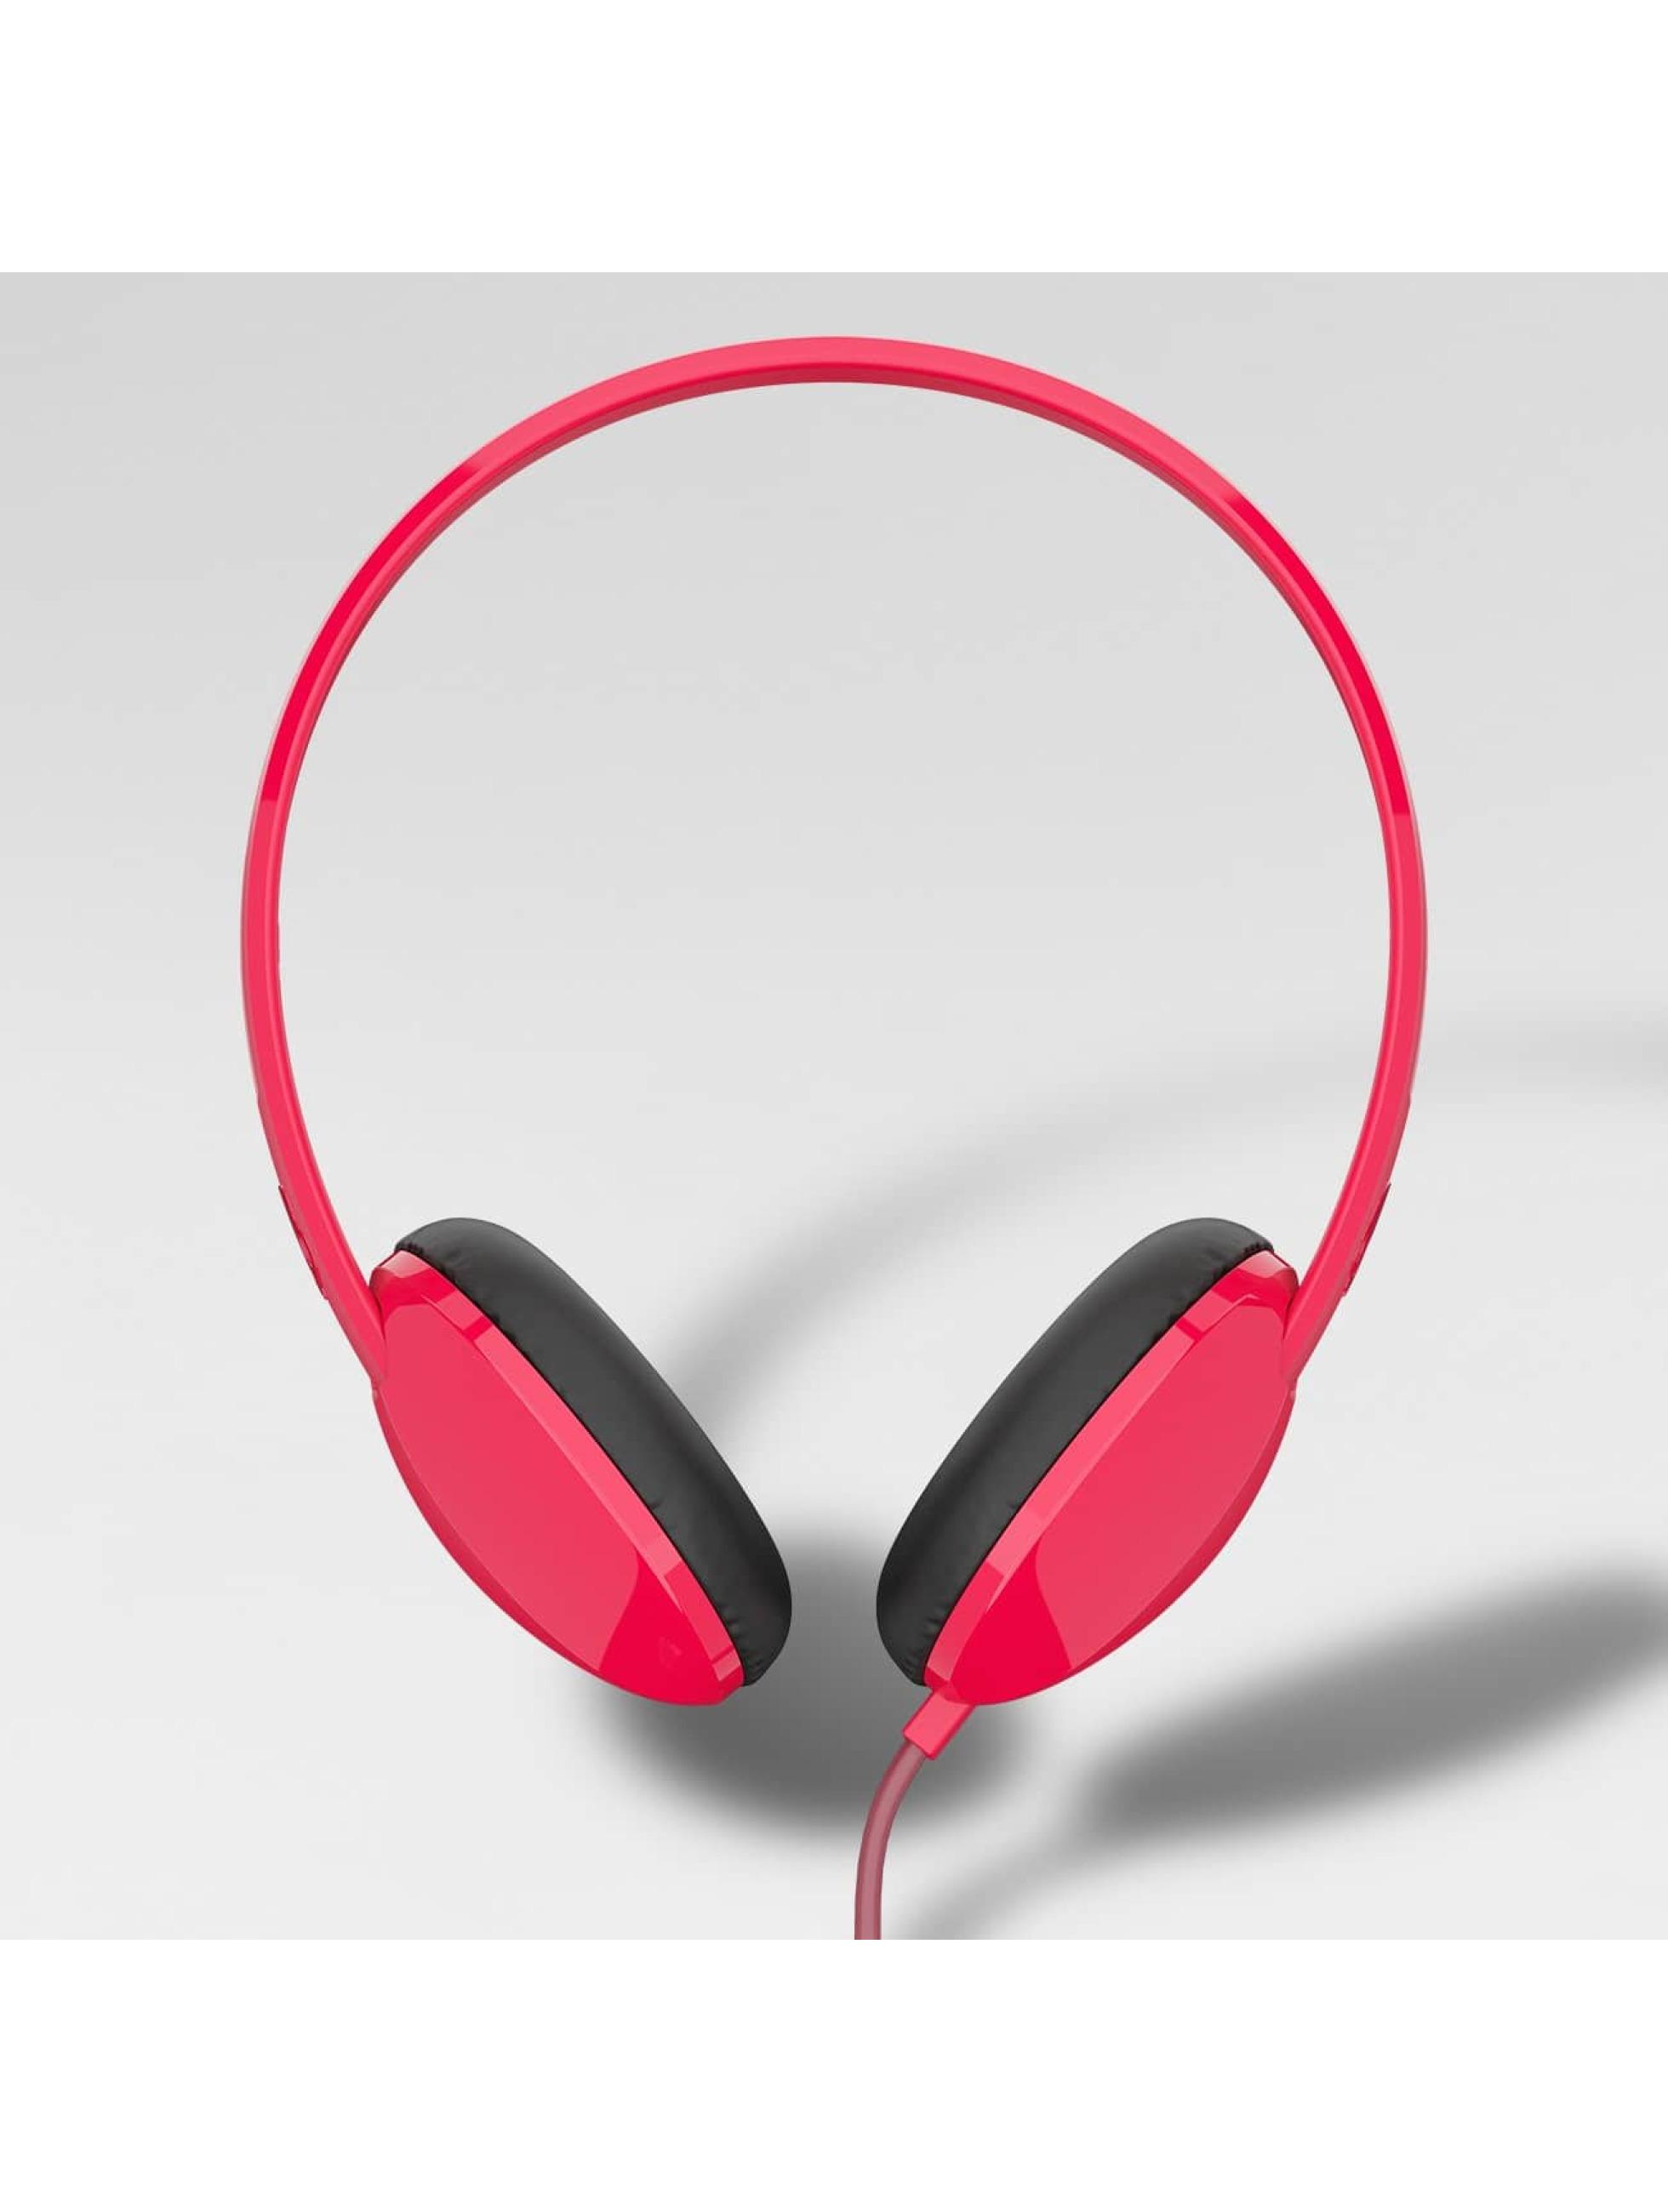 Skullcandy Koptelefoon Stim Mic 1 On Ear rood